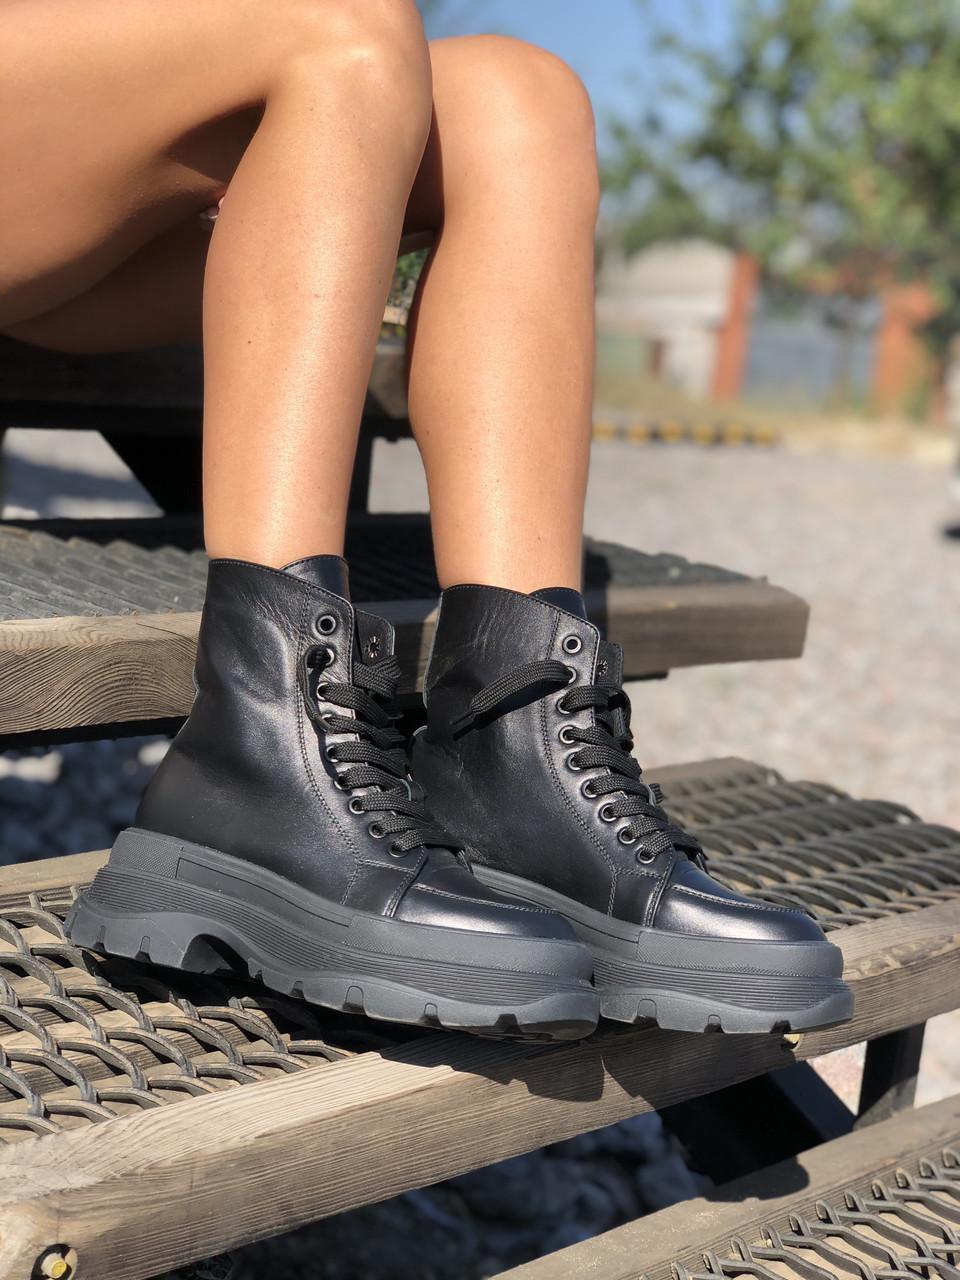 Жіночі черевики високі базові HBM Mac, чорний, натуральна шкіра, всередині шкіра+хутро+байка, 37 розмір